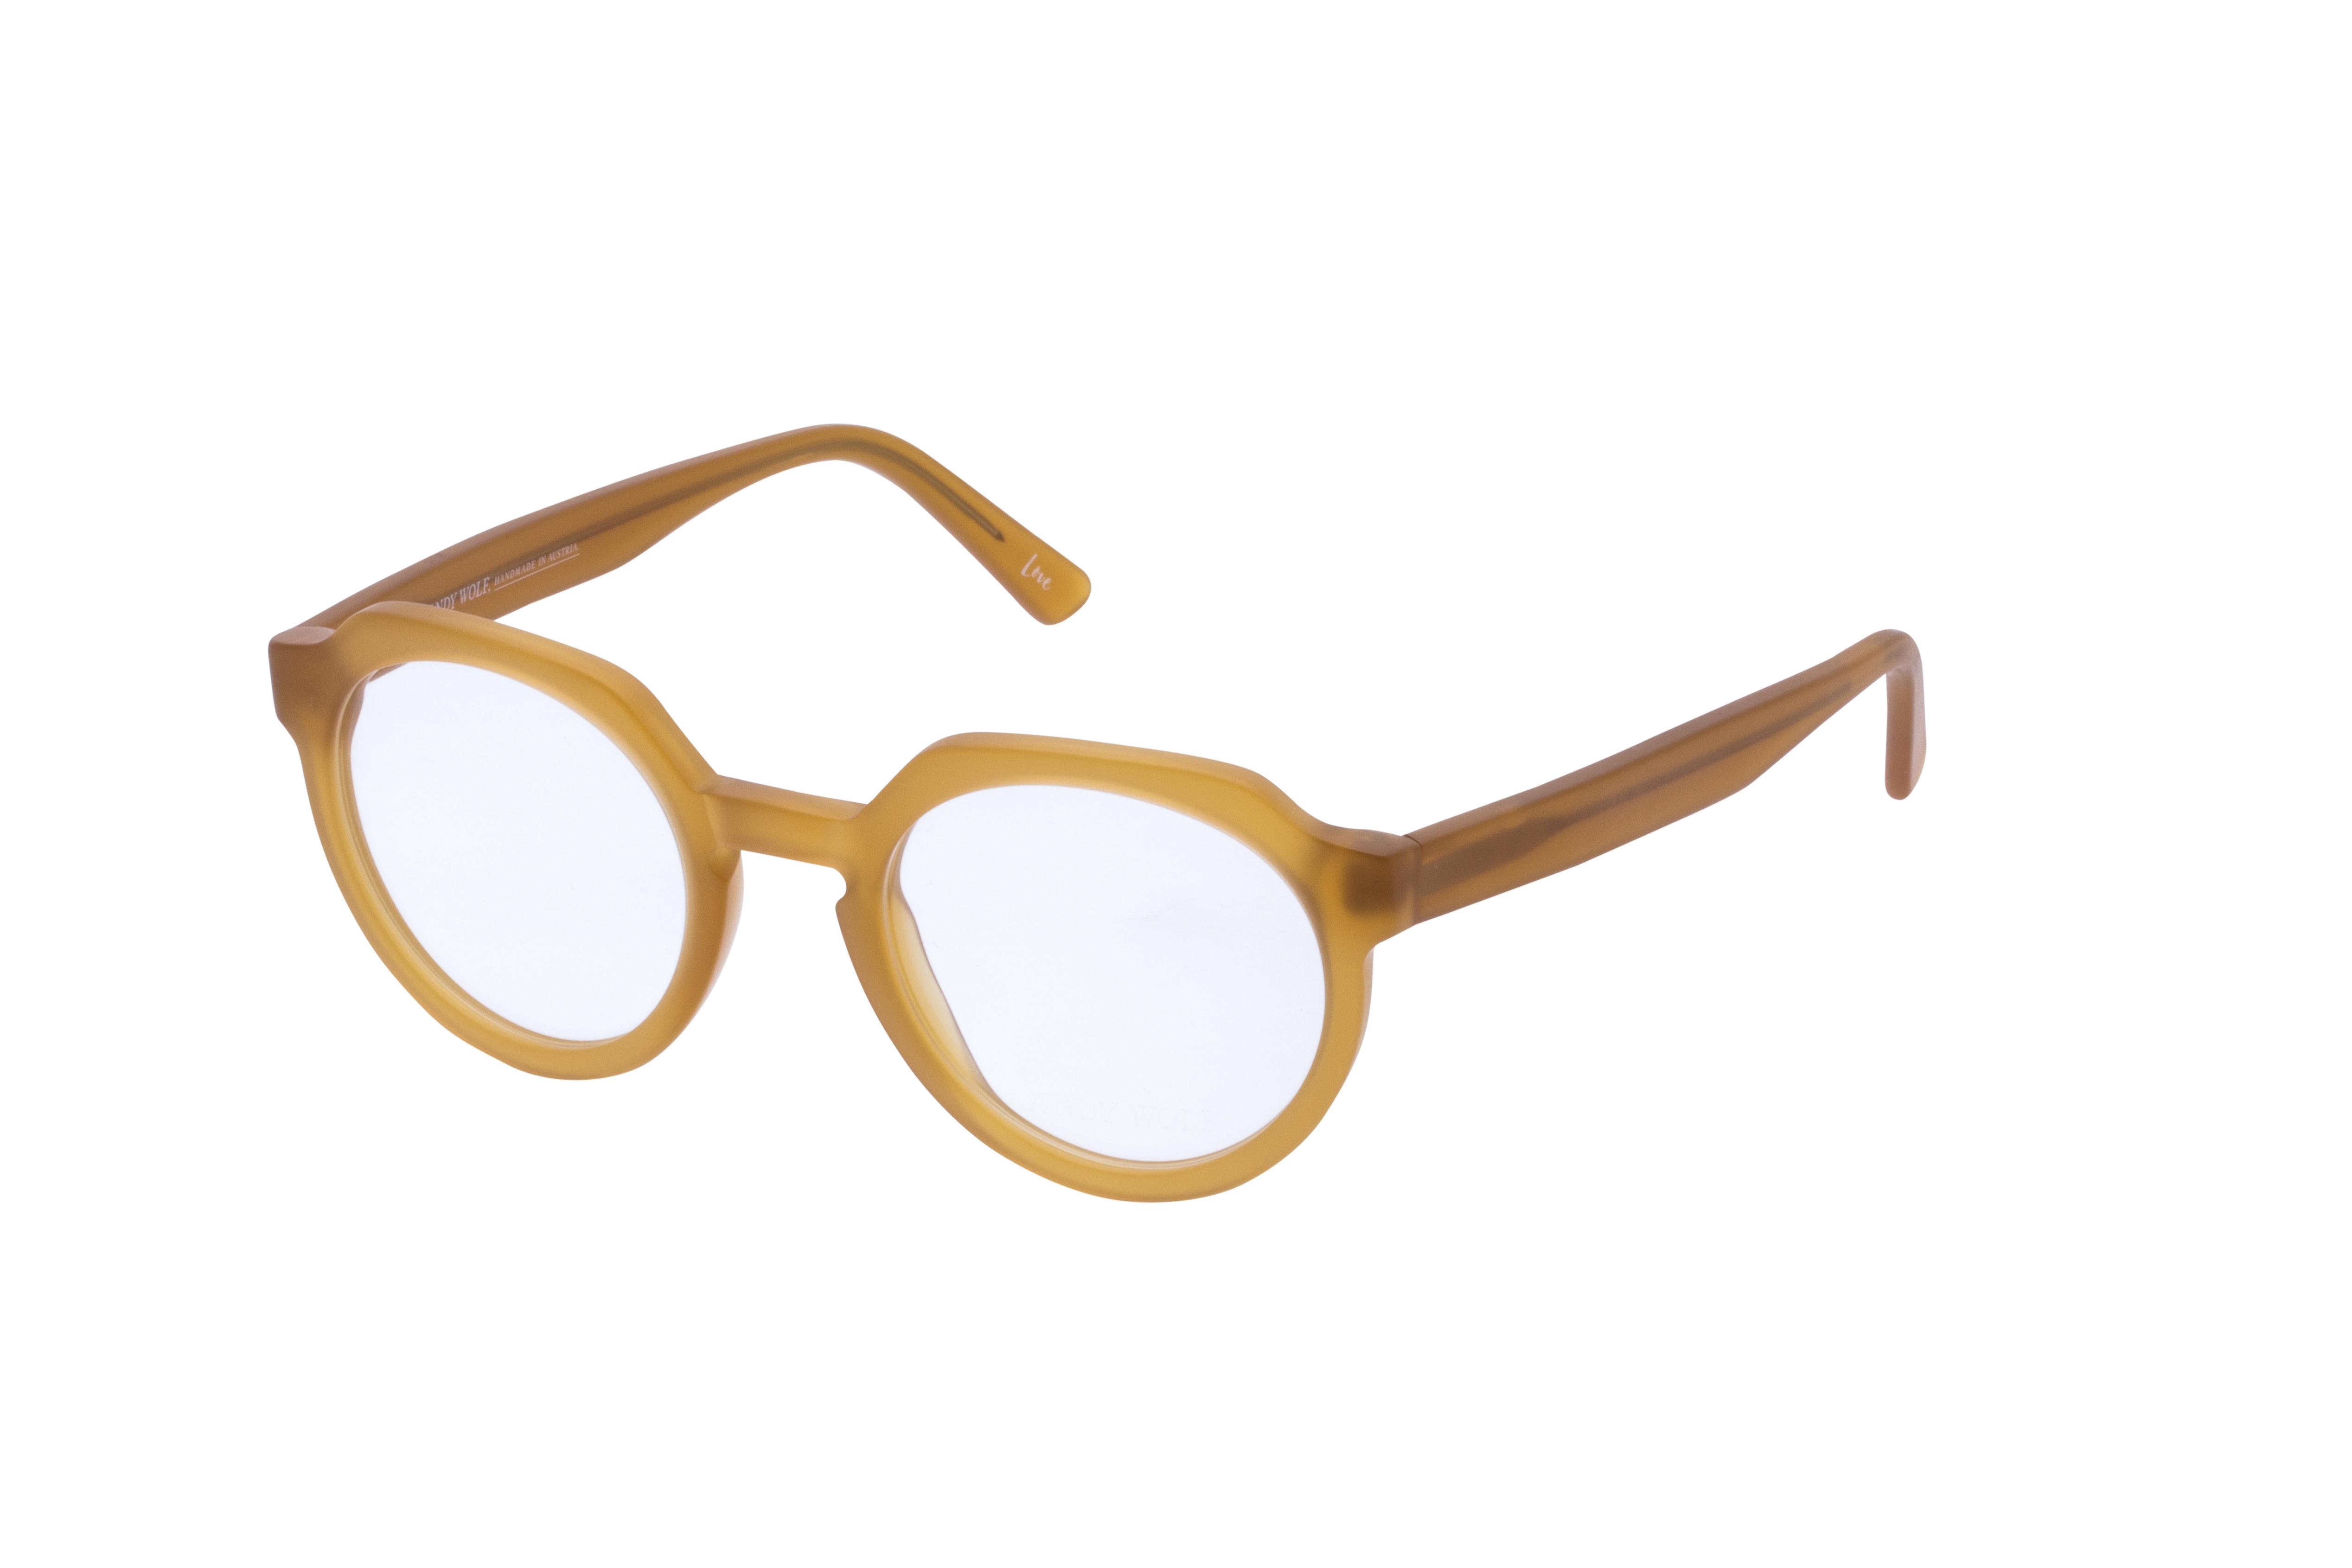 360 Grad Ansicht 22 Andy Wolf 4570, Brille auf Weiß - Fassung bei KUNK